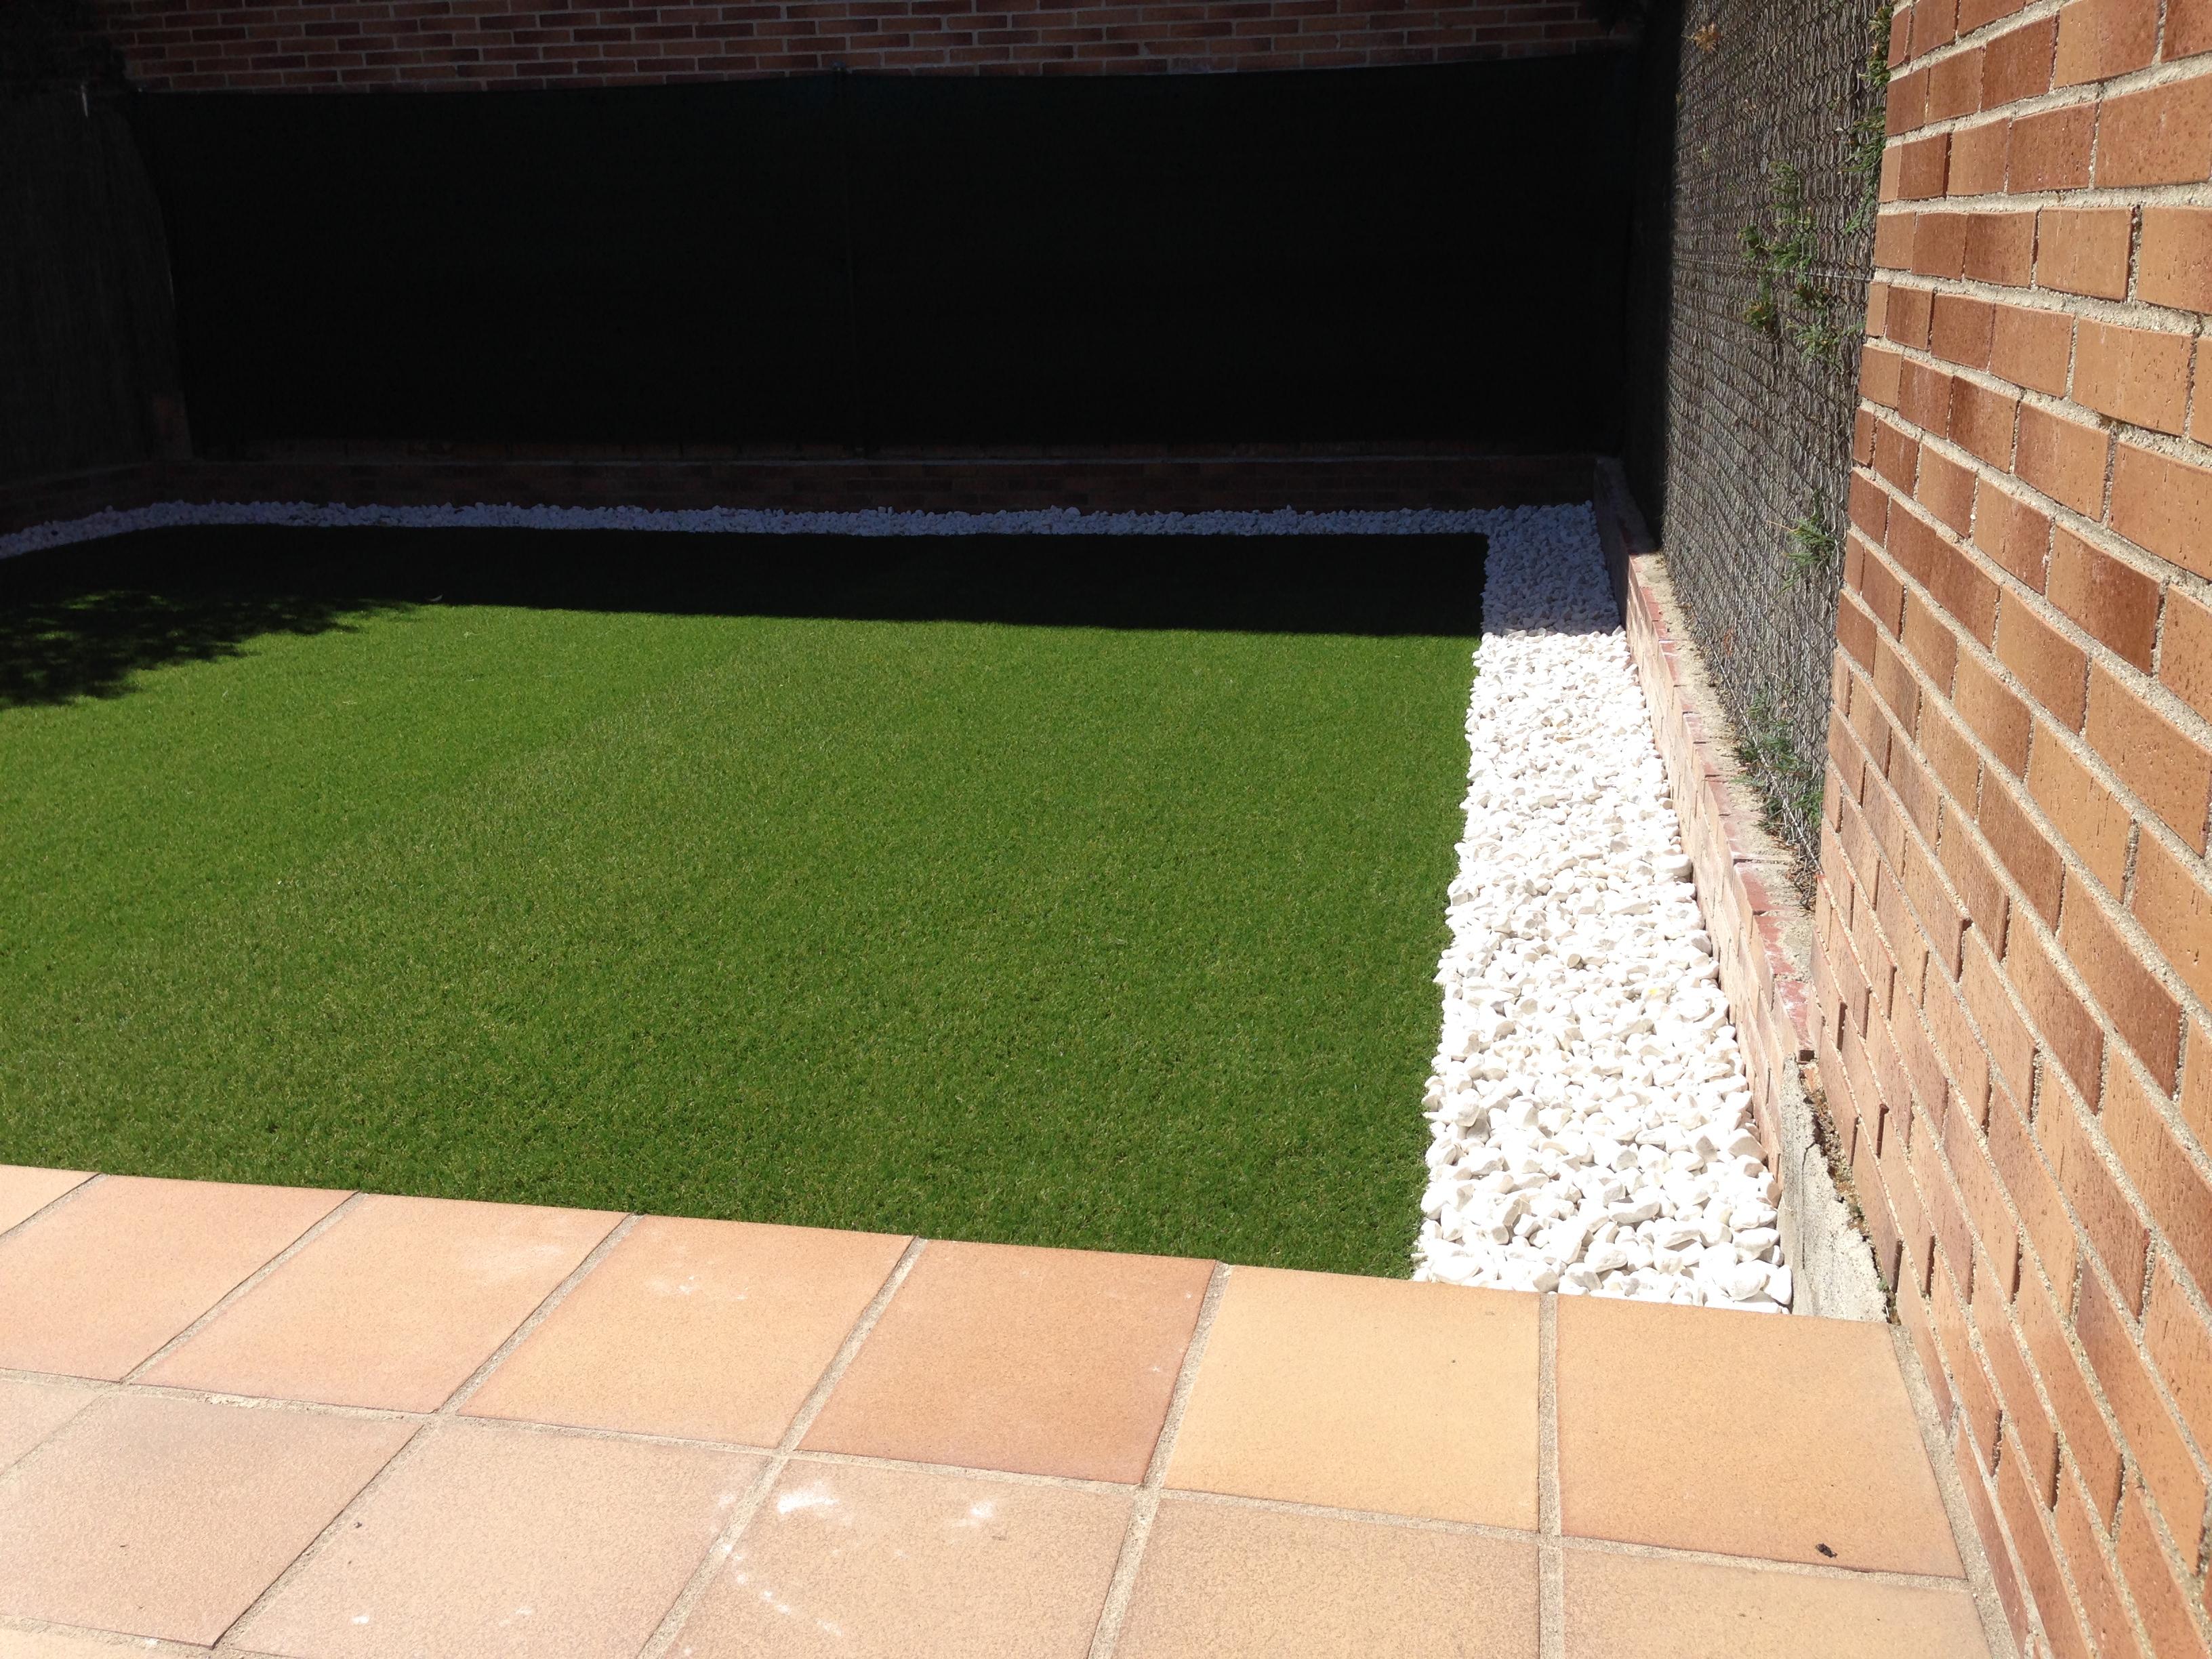 Nueva galer a de jardines con c sped artificial allgrass for Drenaje de jardin